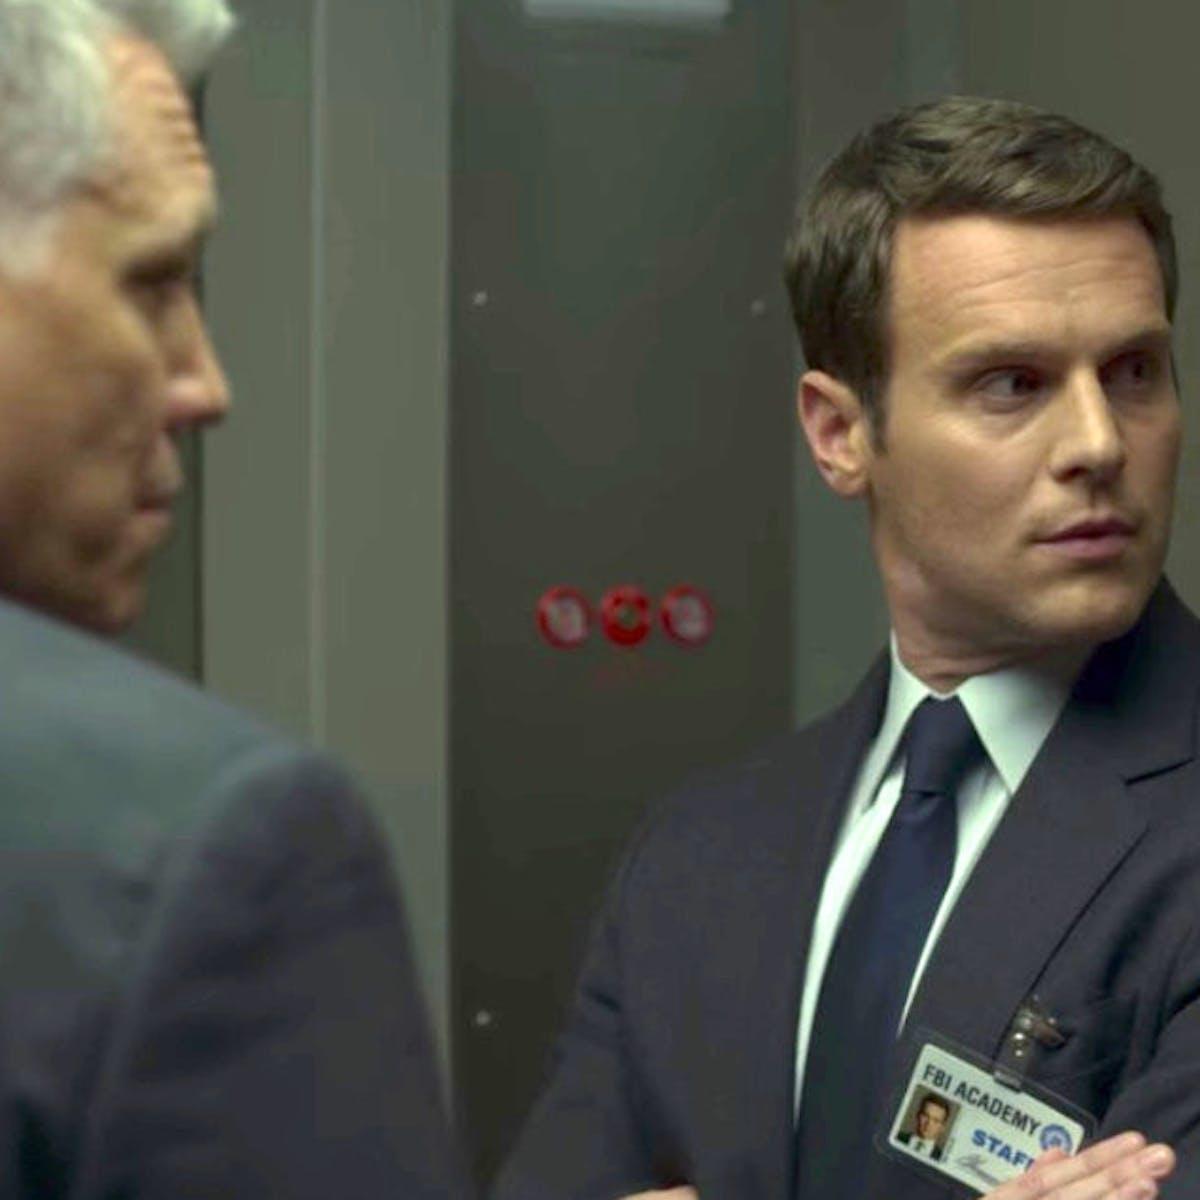 Mindhunter' Season 3 Serial Killers: S2 Easter Egg Teases